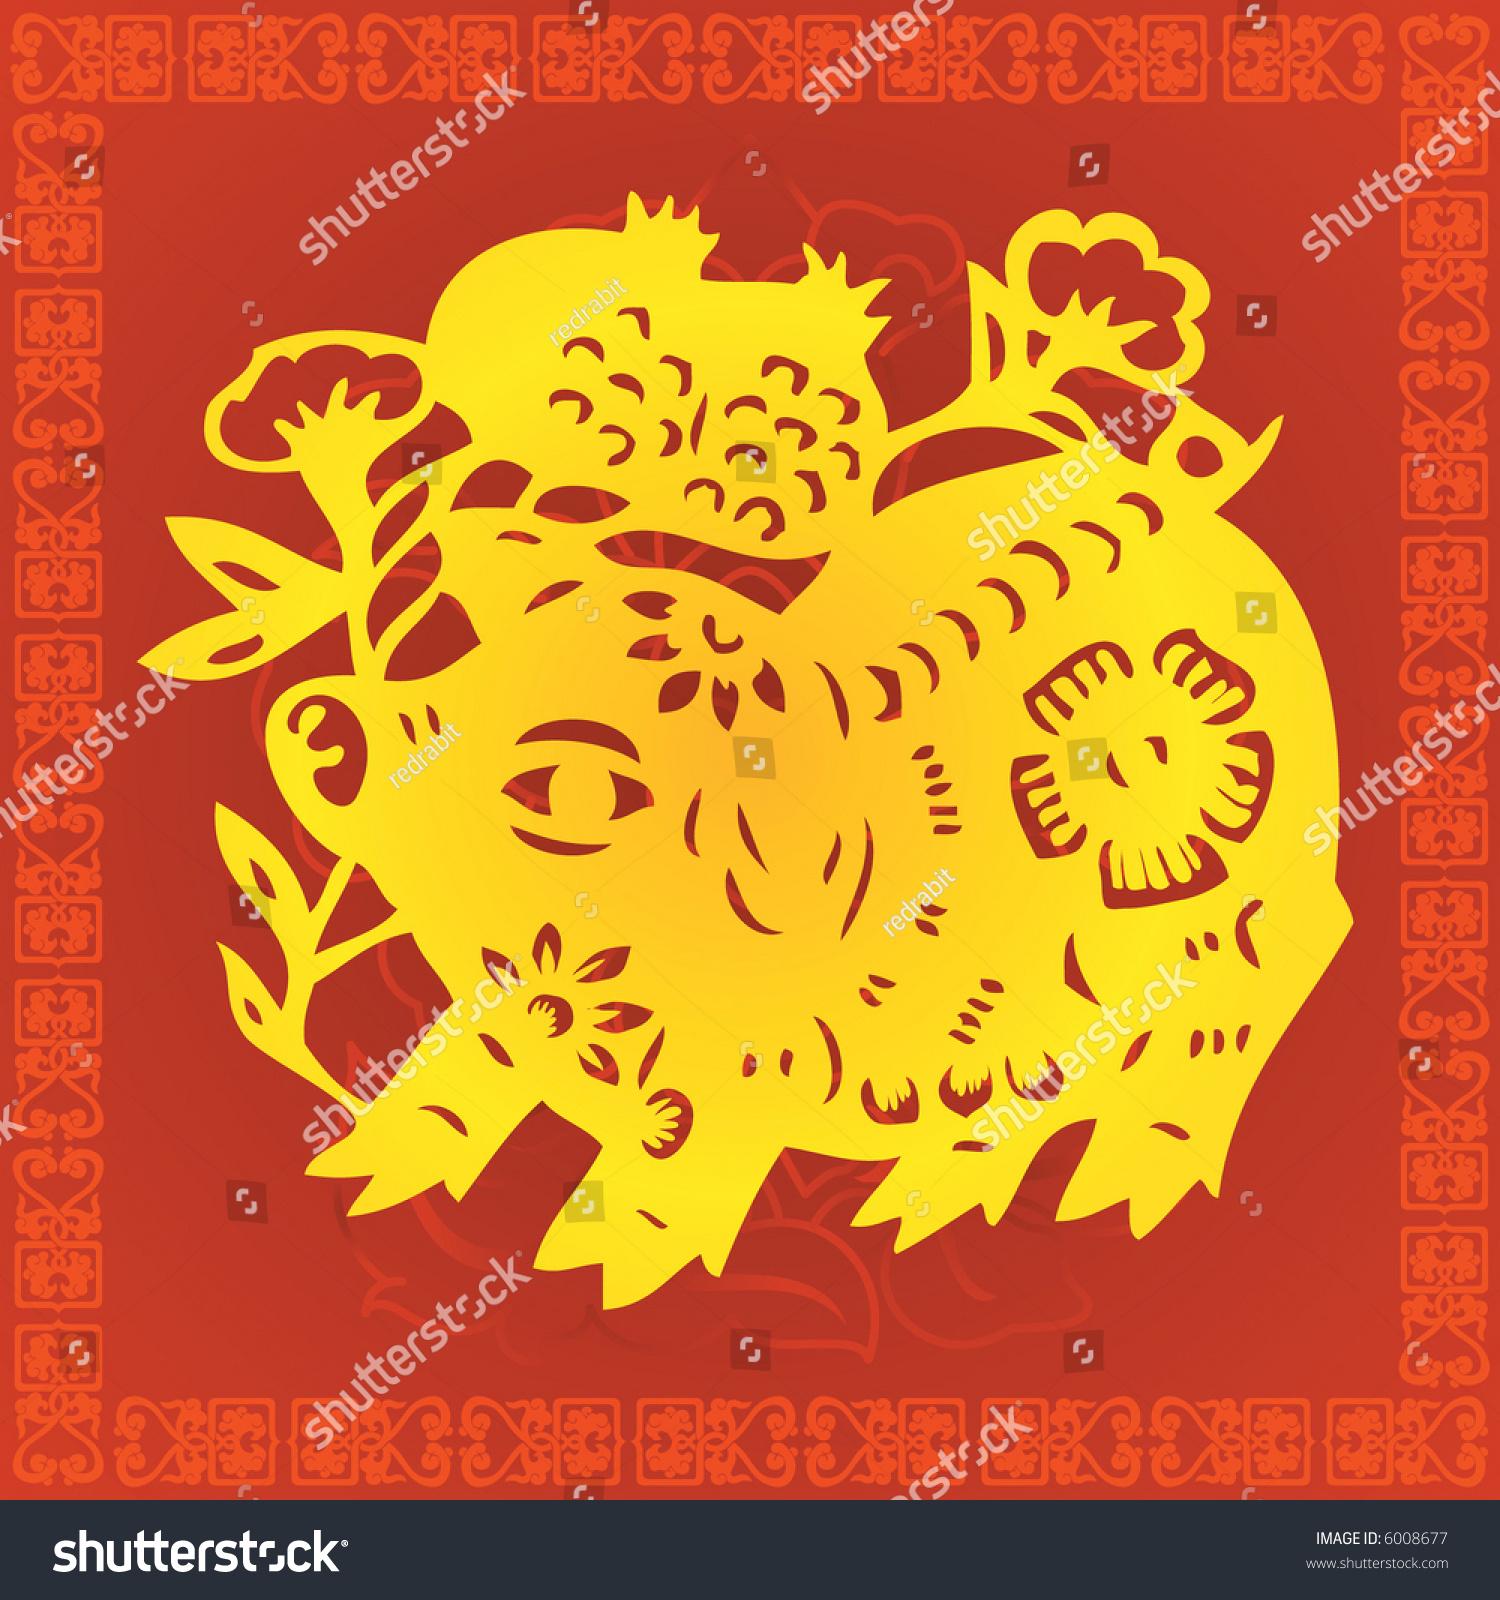 猪生肖符号的剪纸风格(矢量)-动物/野生生物,插图/图